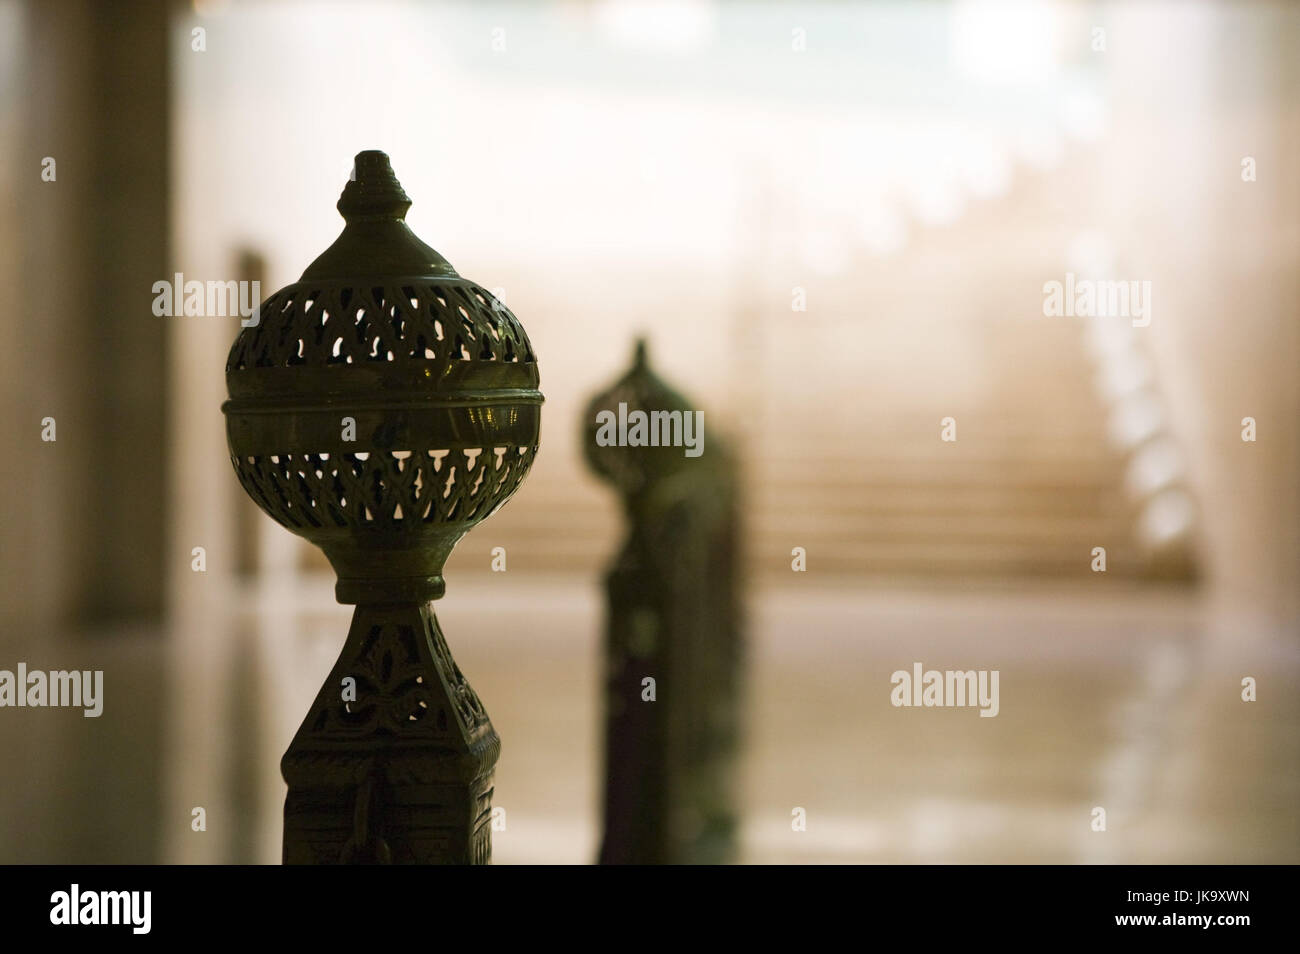 Marokko, Casablanca, Moschee Hassan II., Treppengeländer, Detail, Stock Photo